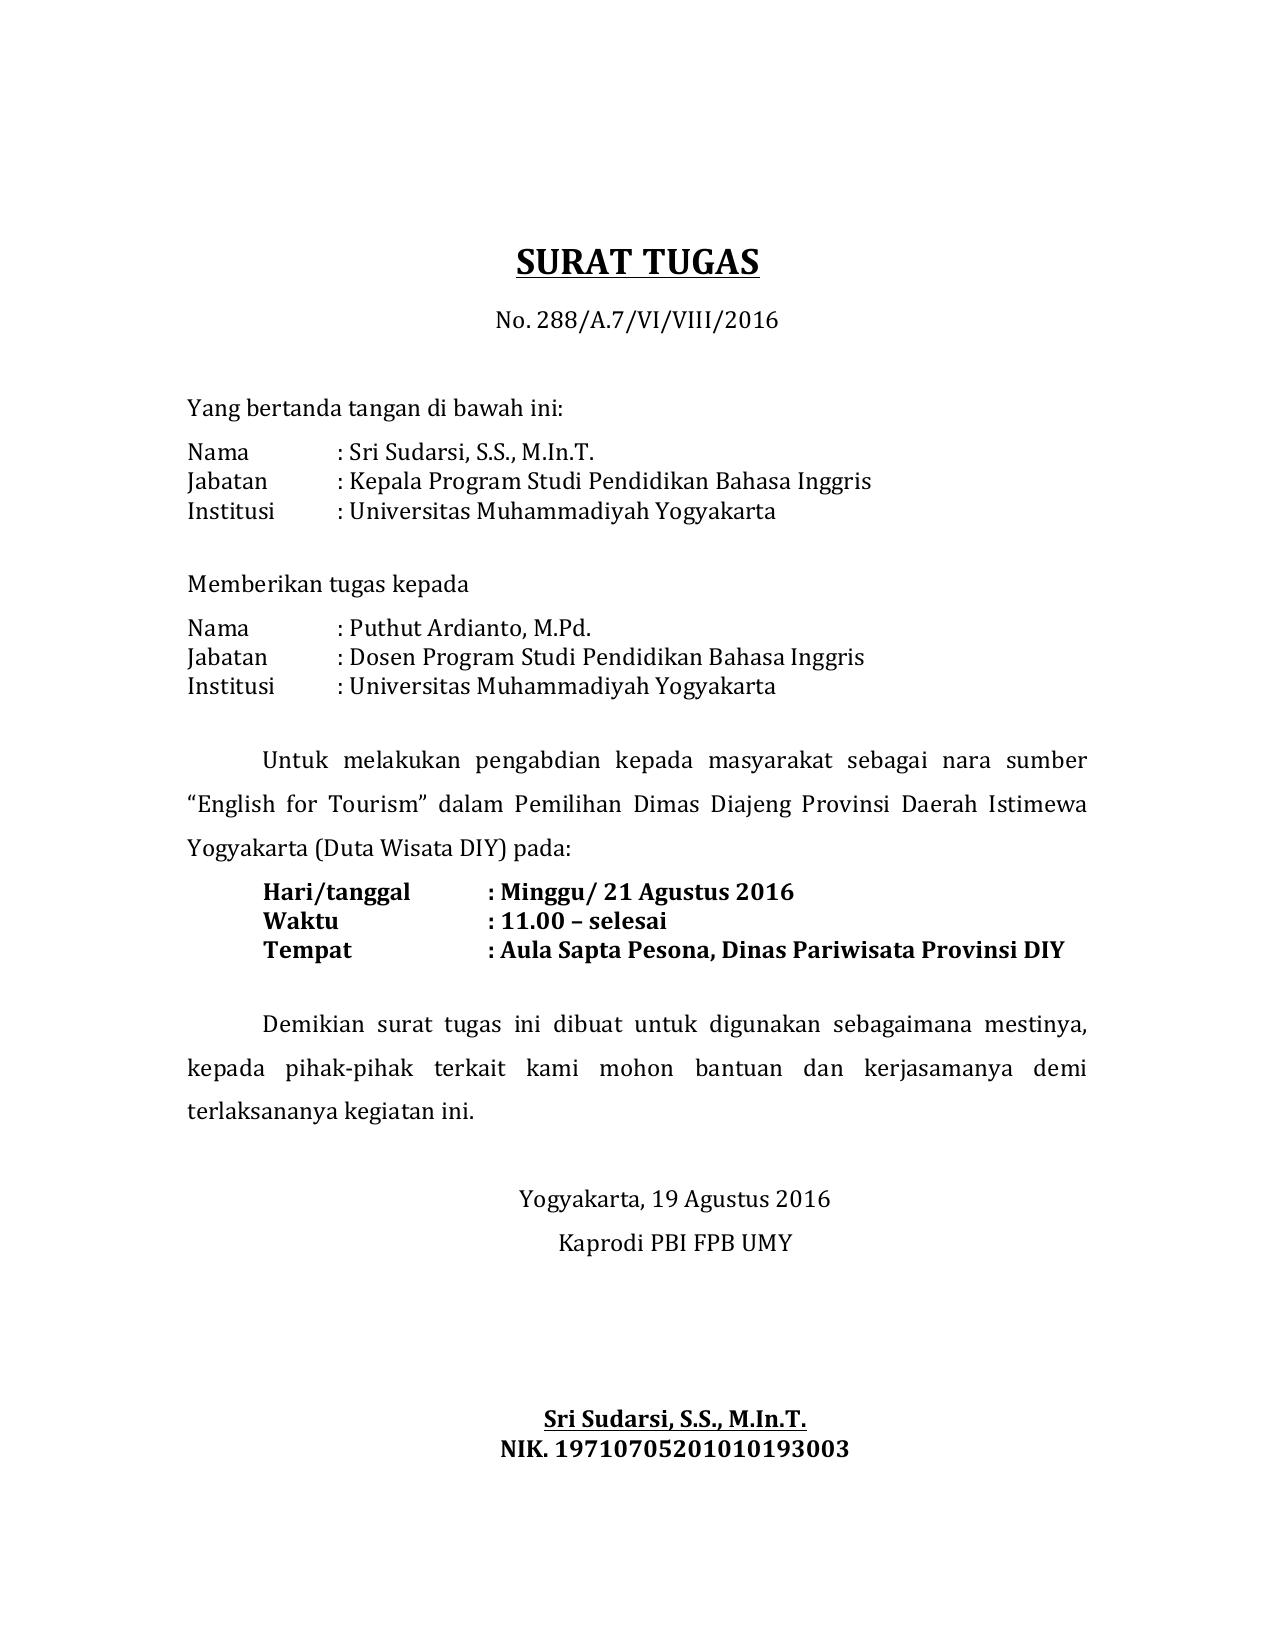 Surat Tugas Umy Repository